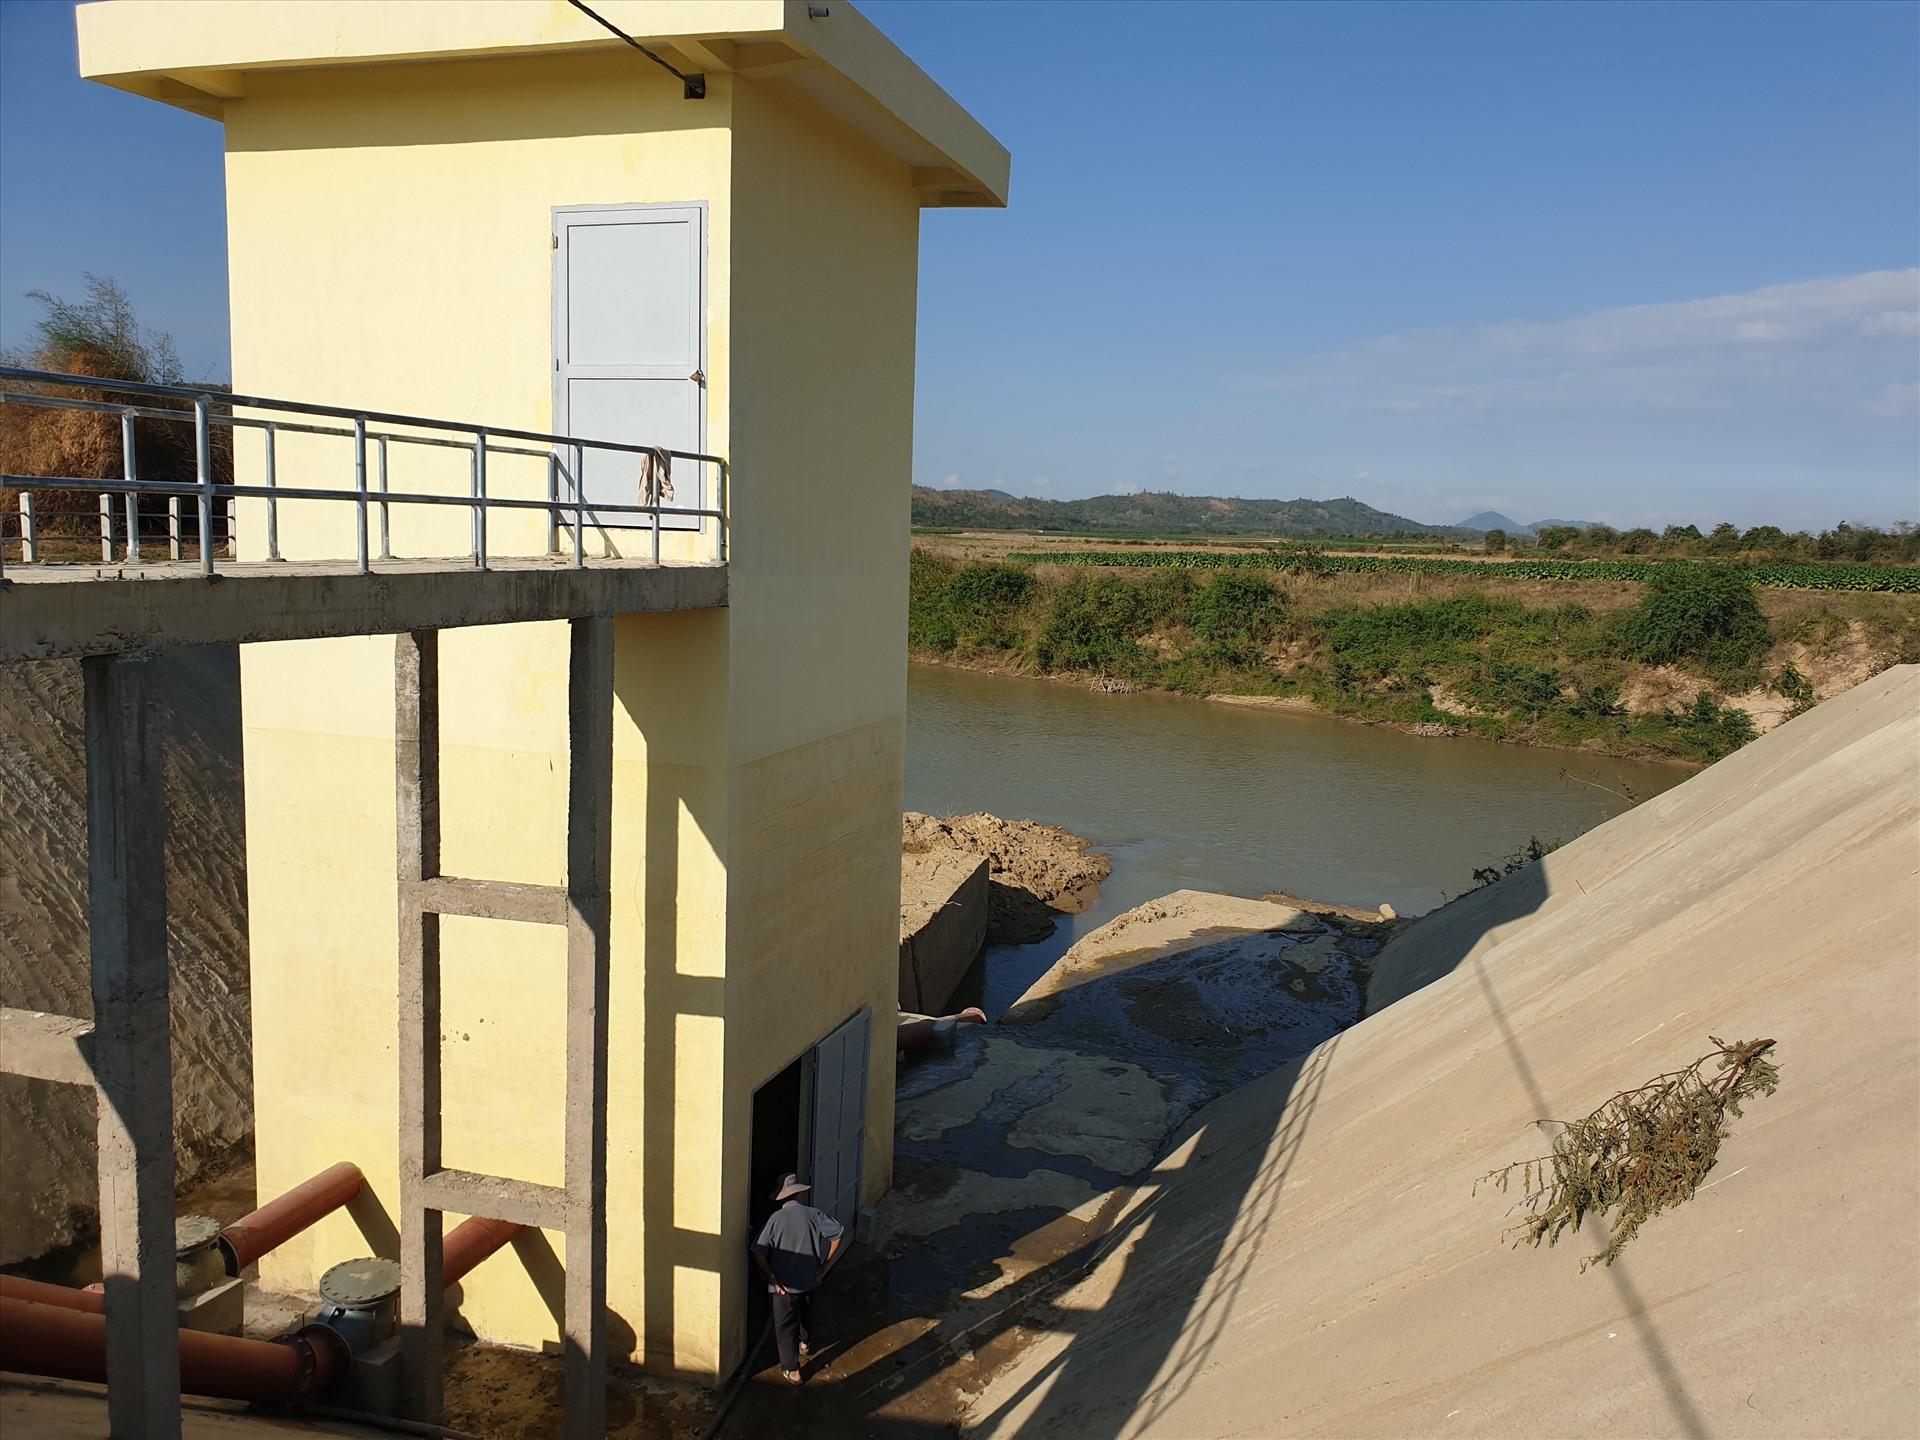 Được biết, Phòng NNPTNT huyện Krông Bông sẽ thống kê danh sách xin UBND huyện hỗ trợ kinh phí cho người dân tái sản xuất. còn những diện tích khô hạn có khả năng điều tiết nước được, Phòng lập các trạm bơm dã chiến đưa nước từ sông lên hoặc điều tiết nước từ công trình thủy lợi thác Krông Kmar về tưới cho cây trồng.